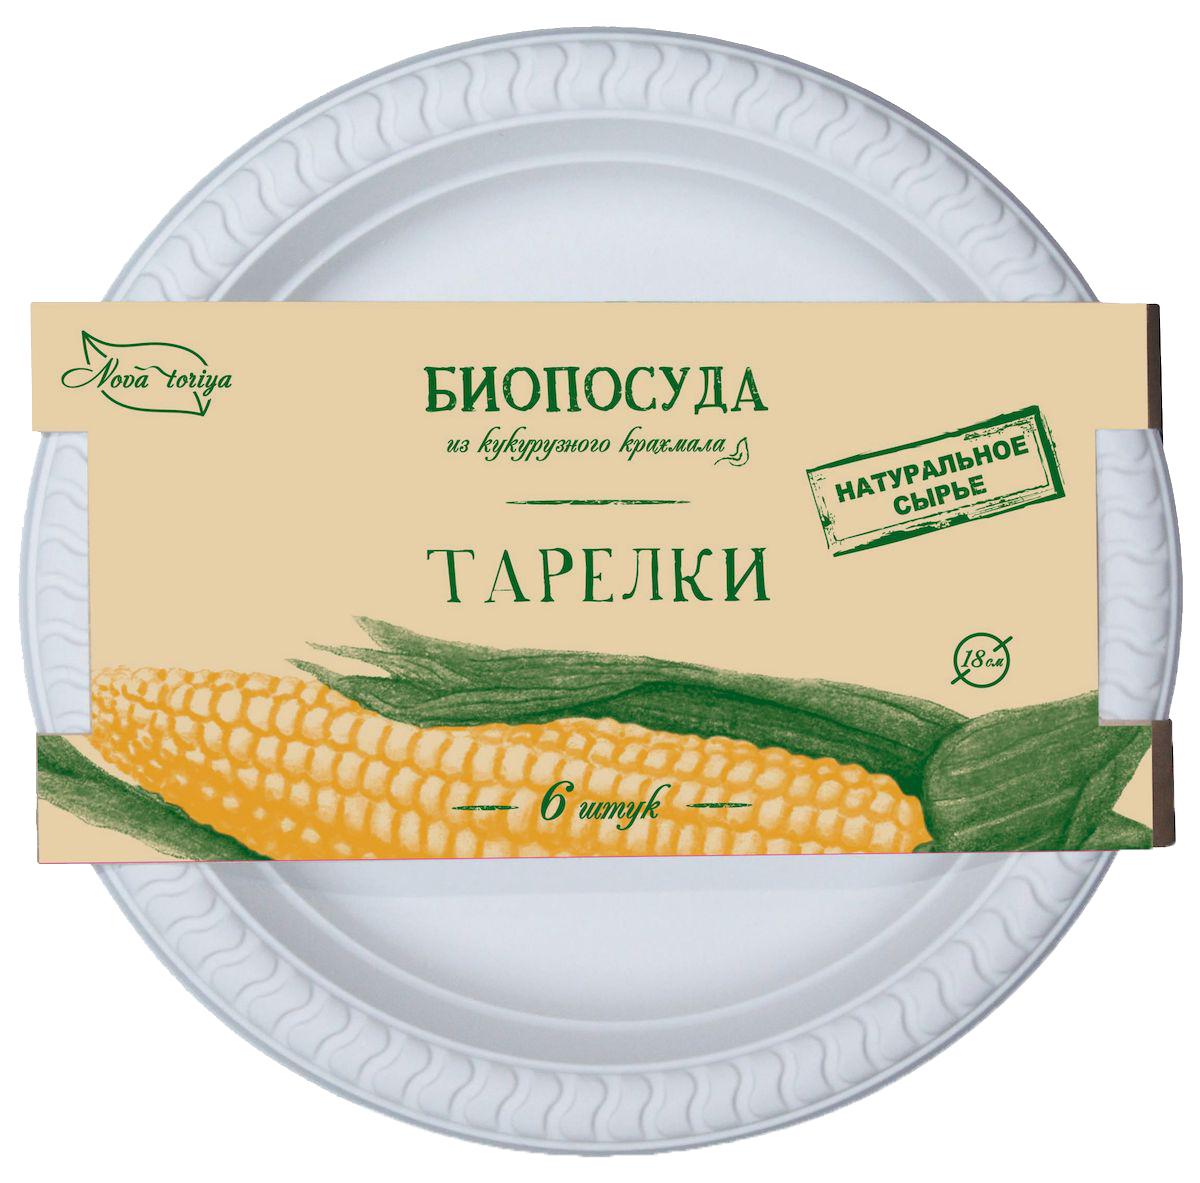 Набор одноразовых тарелок Nova Toriya, диаметр 17,8 см, 6 шт16Набор Nova Toriya состоит из шести круглых тарелок, выполненных из кукурузного крахмала и предназначенных для одноразового использования. Одноразовые тарелки будут незаменимы при поездках на природу, пикниках и других мероприятиях. Они не займут много места, легки и самое главное - после использования их не надо мыть.